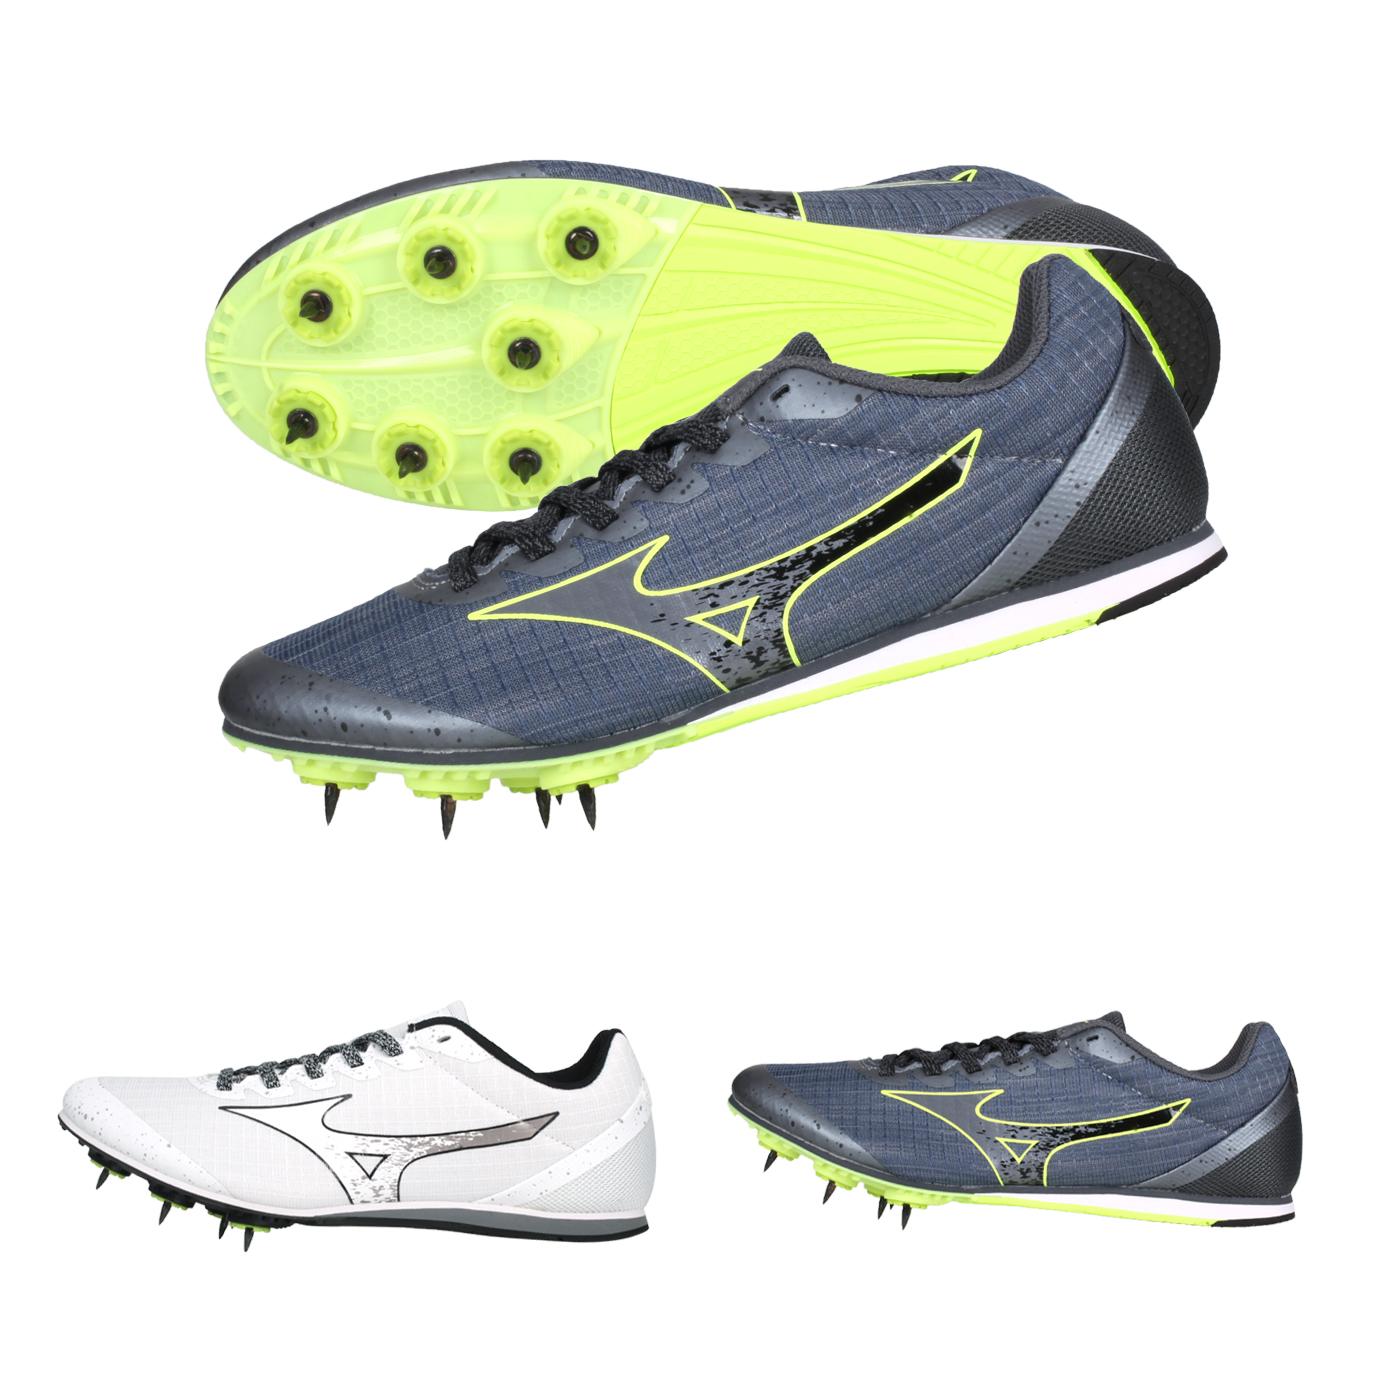 MIZUNO 田徑釘鞋(中長距離)  @X FIRST@U1GA213002